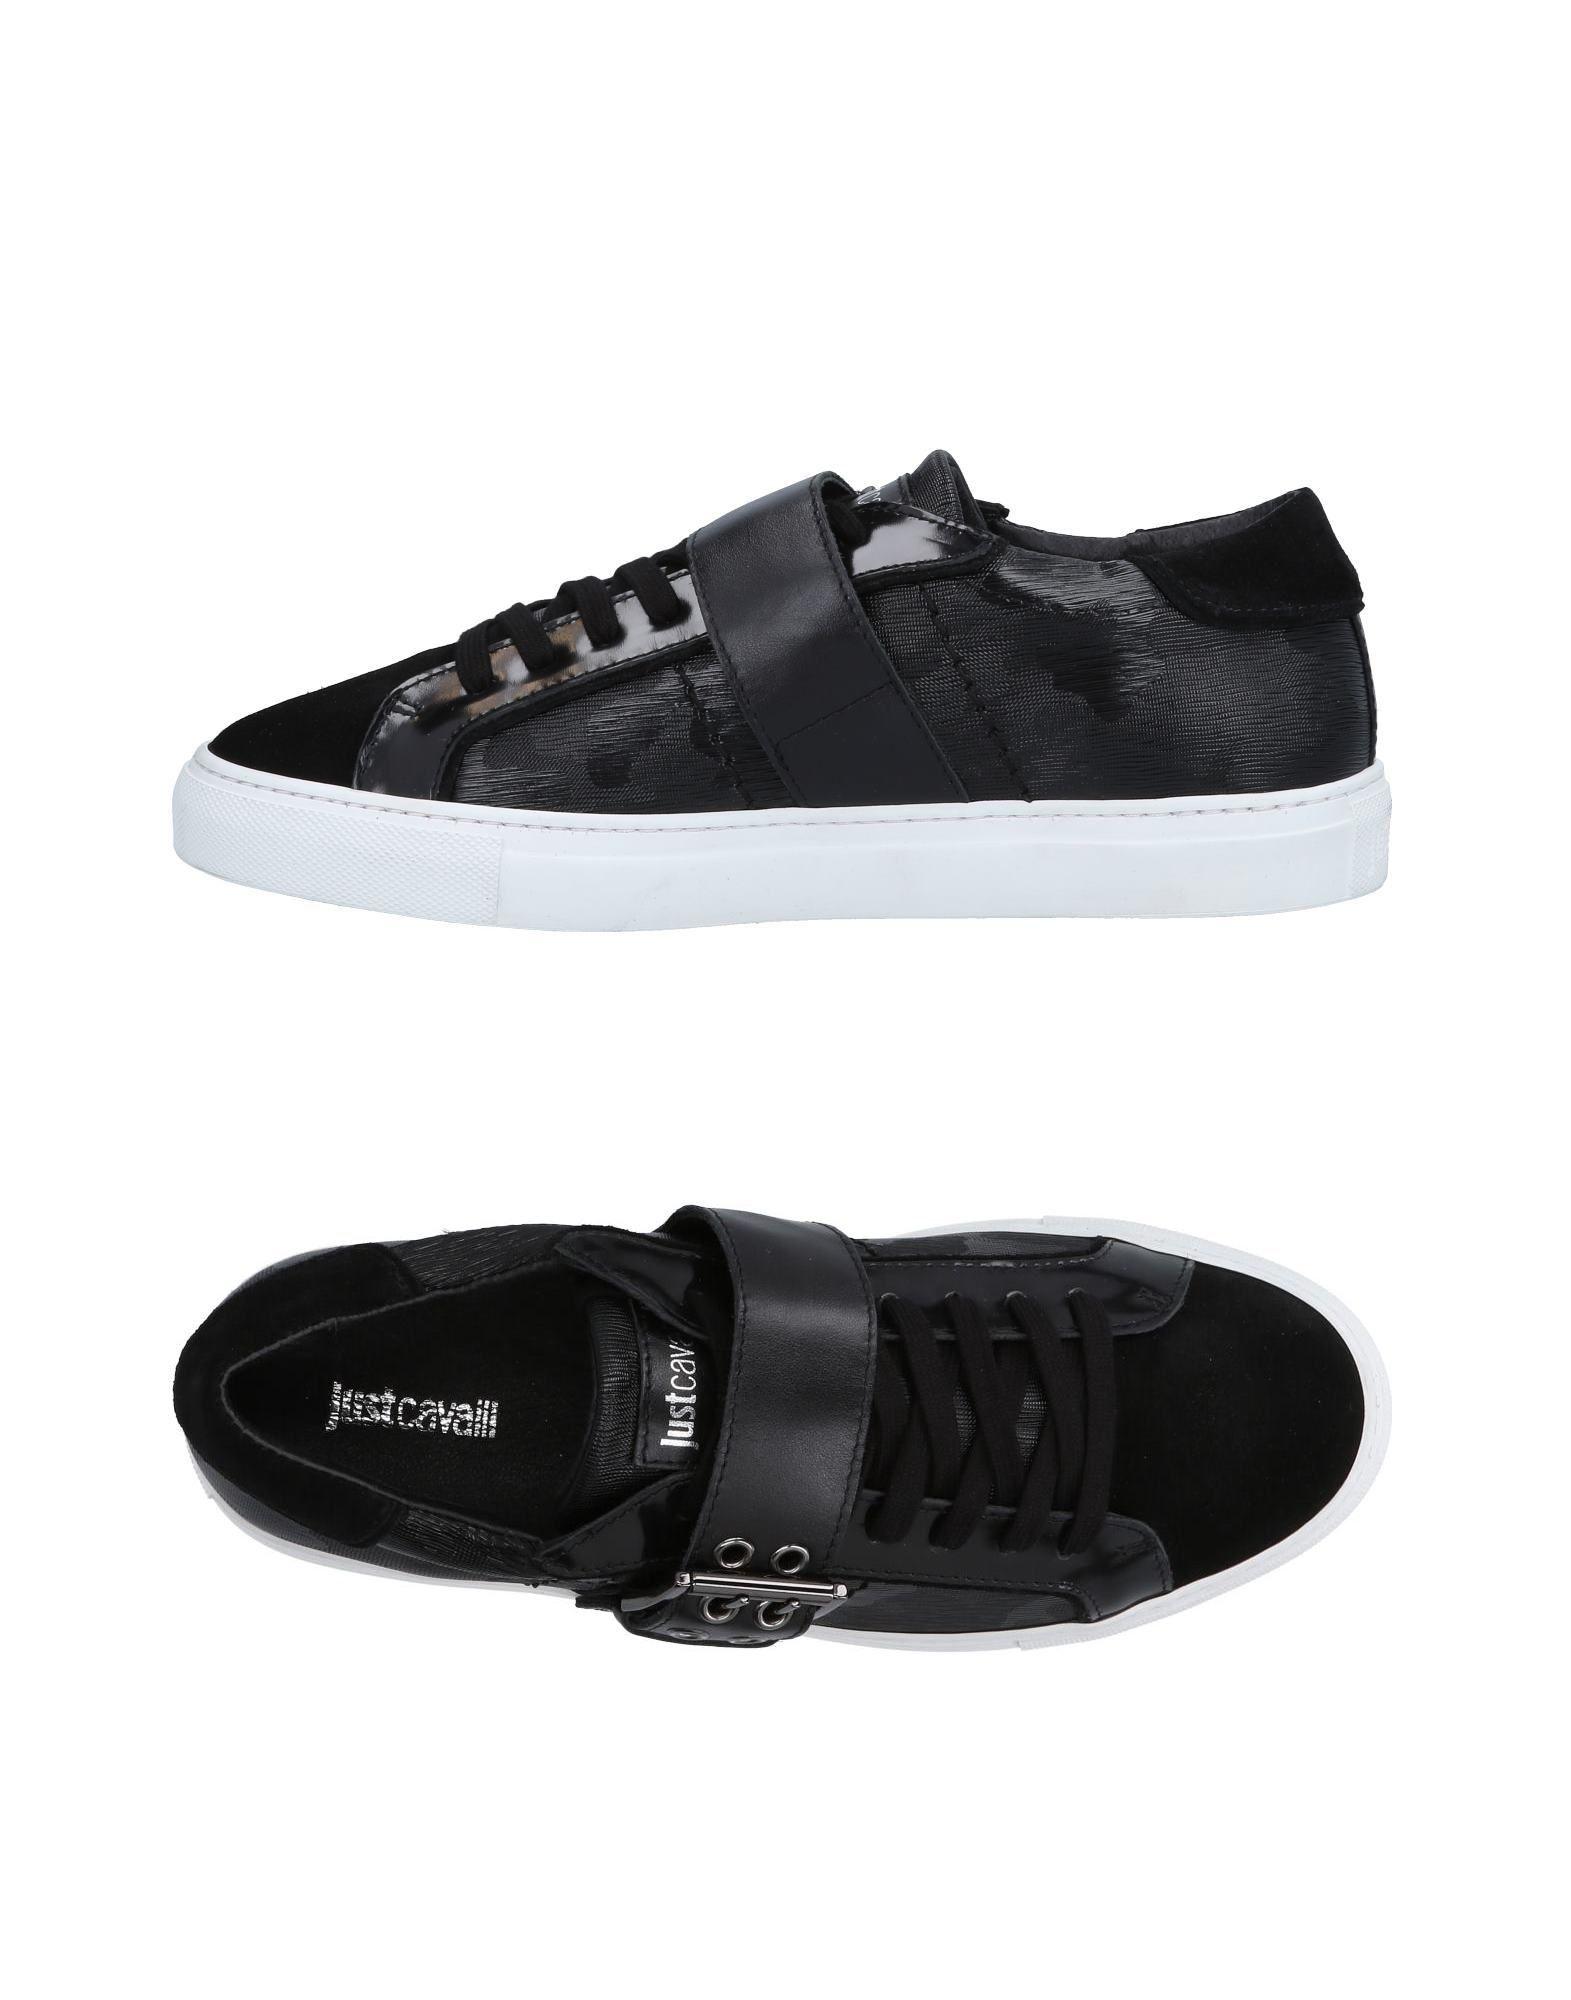 Just Cavalli Sneakers Schuhe Herren  11498149DK Neue Schuhe Sneakers 59c4d2